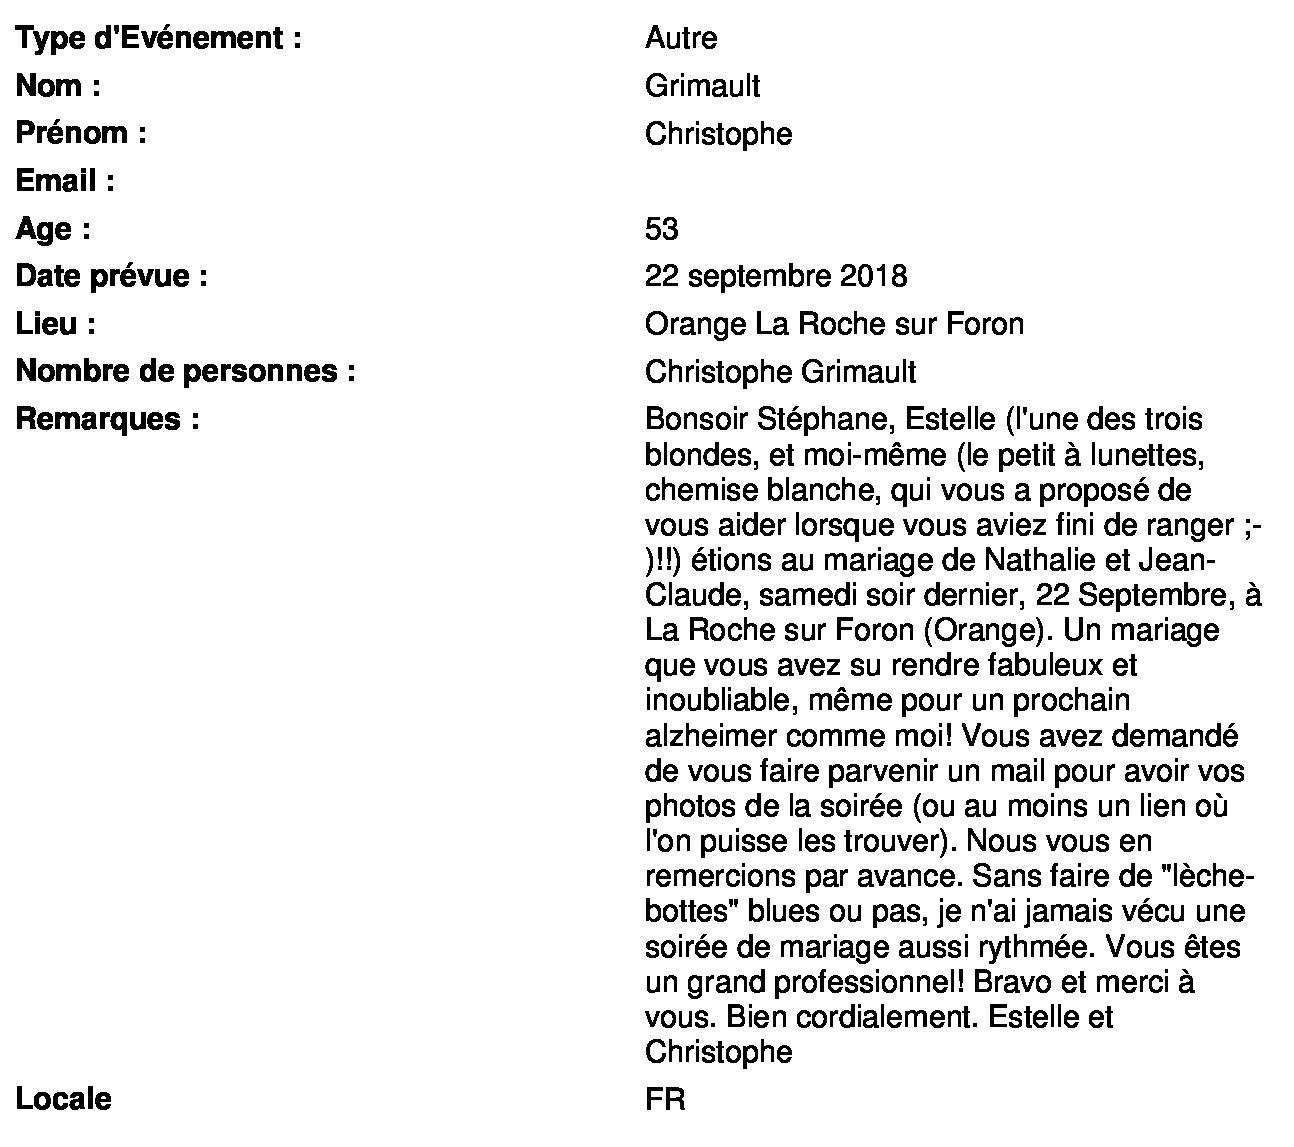 Mariage-DEVIGNE-Jean-Claude-_-SABOURIN-N